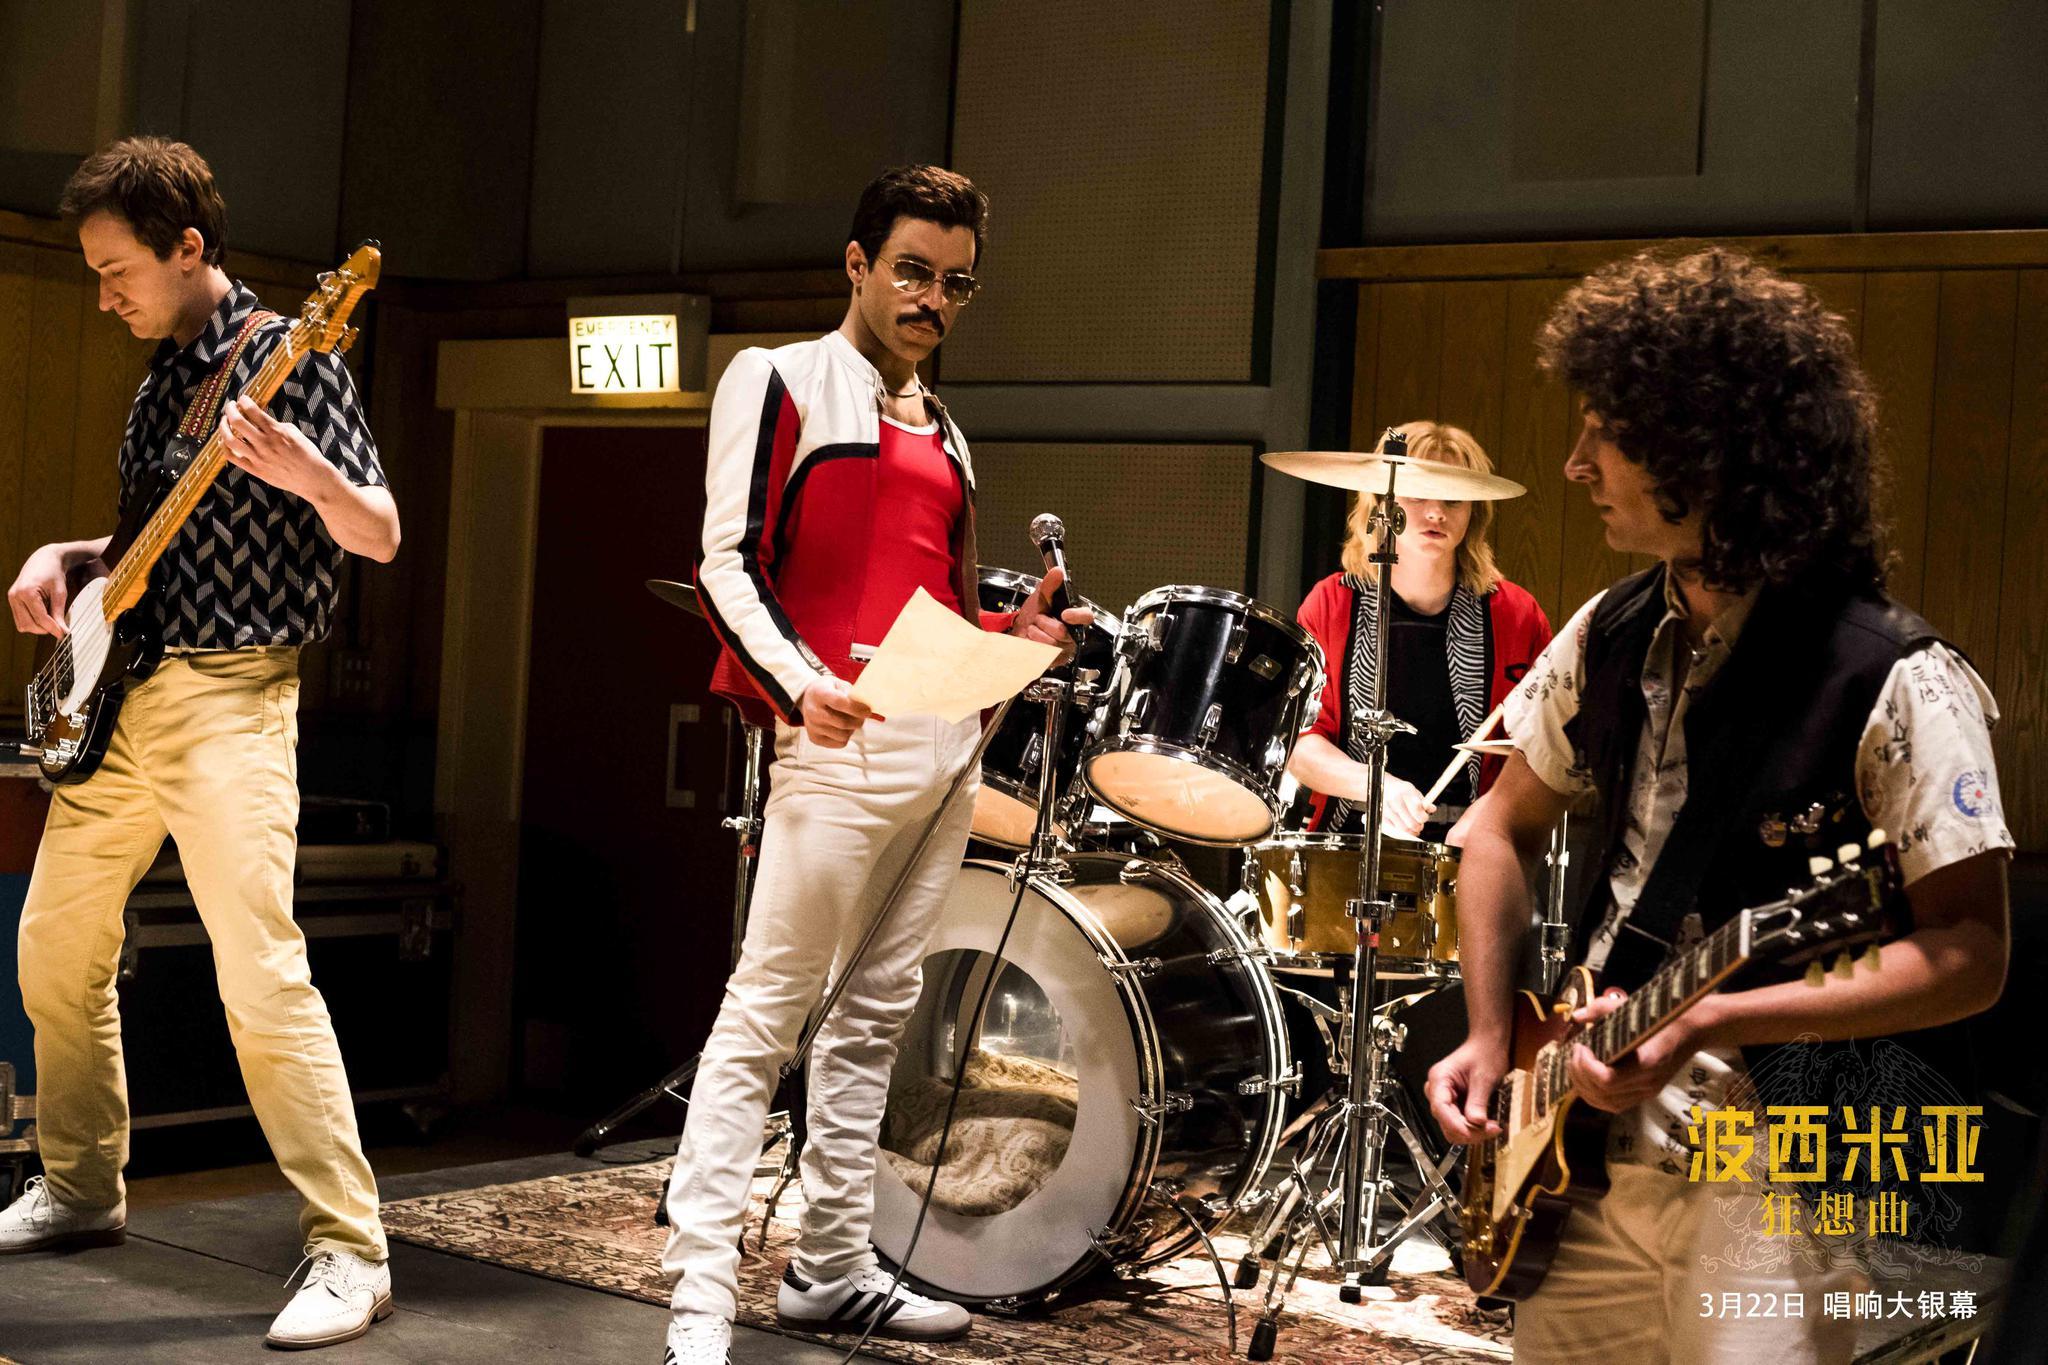 《波西米亚狂想曲》幕后特辑 本·哈迪每天练鼓10小时复刻传奇